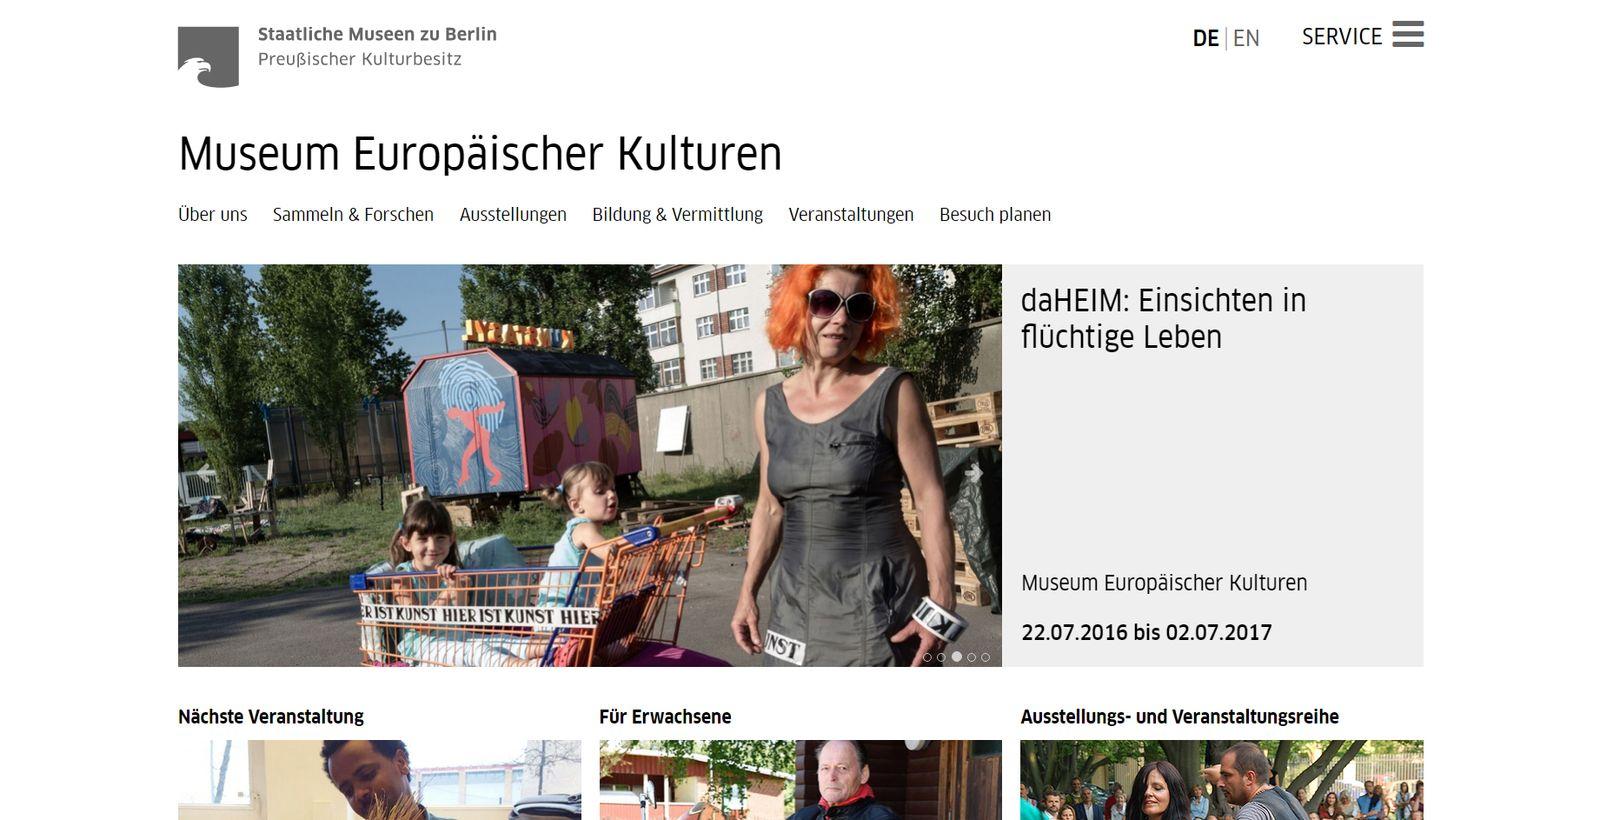 Screenshot der neuen Homepage des Museums Europäischer Kulturen